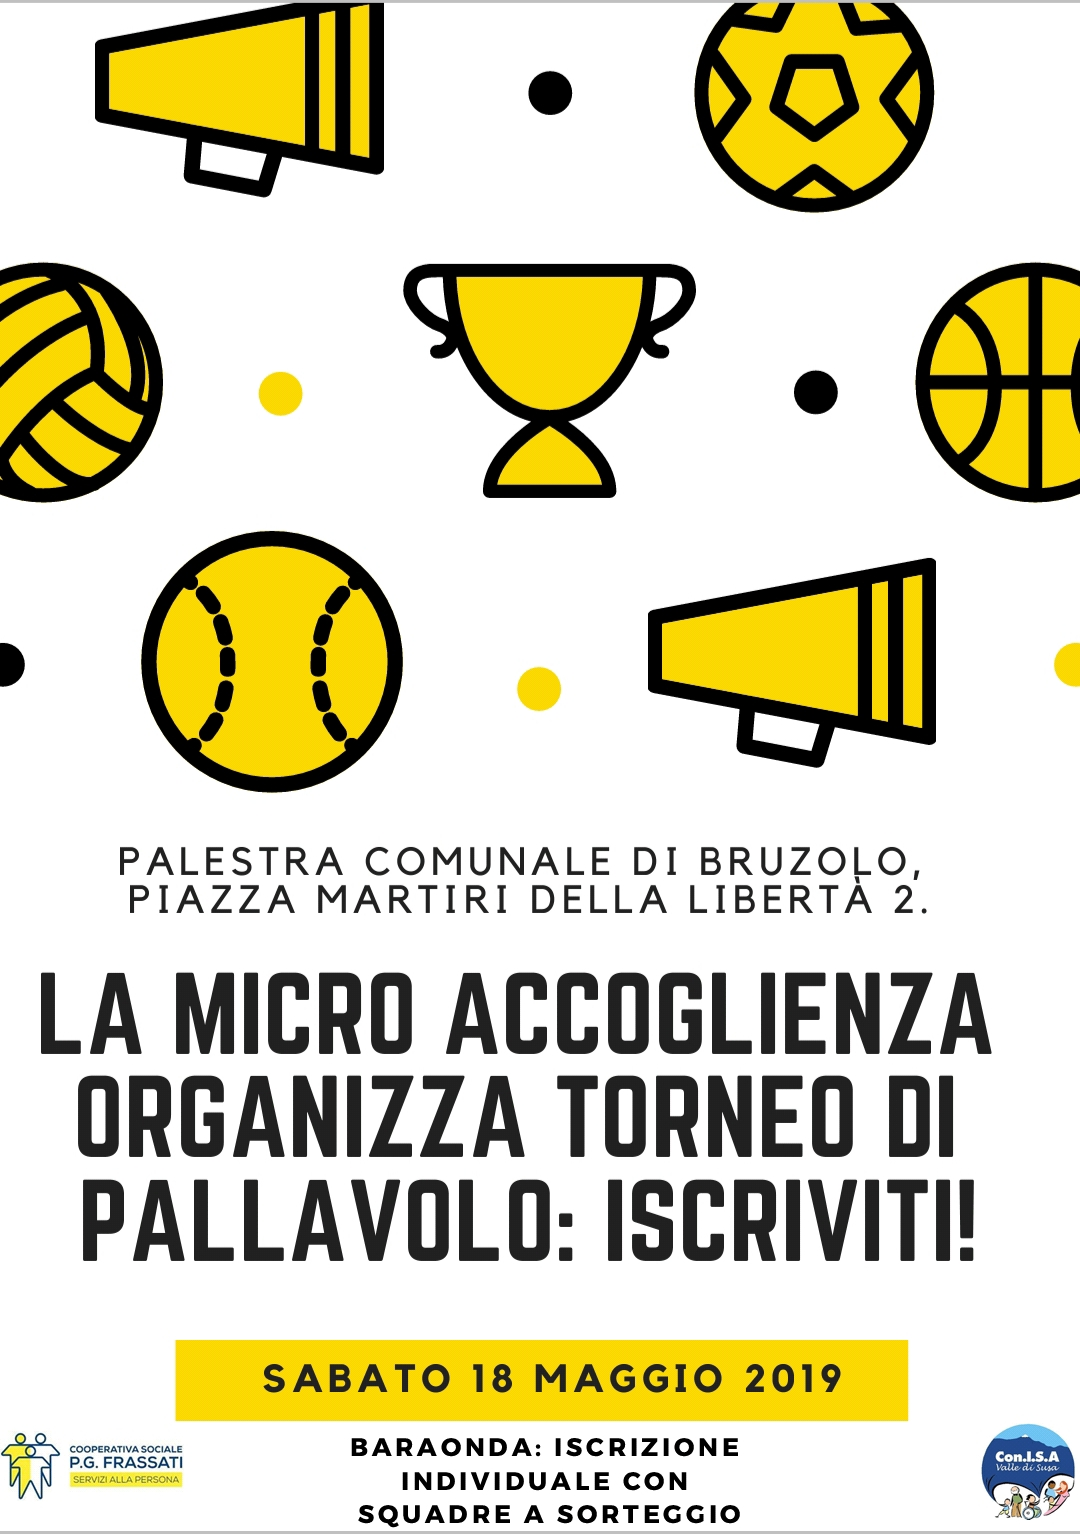 Torneo di pallavolo: un progetto di micro accoglienza diffusa